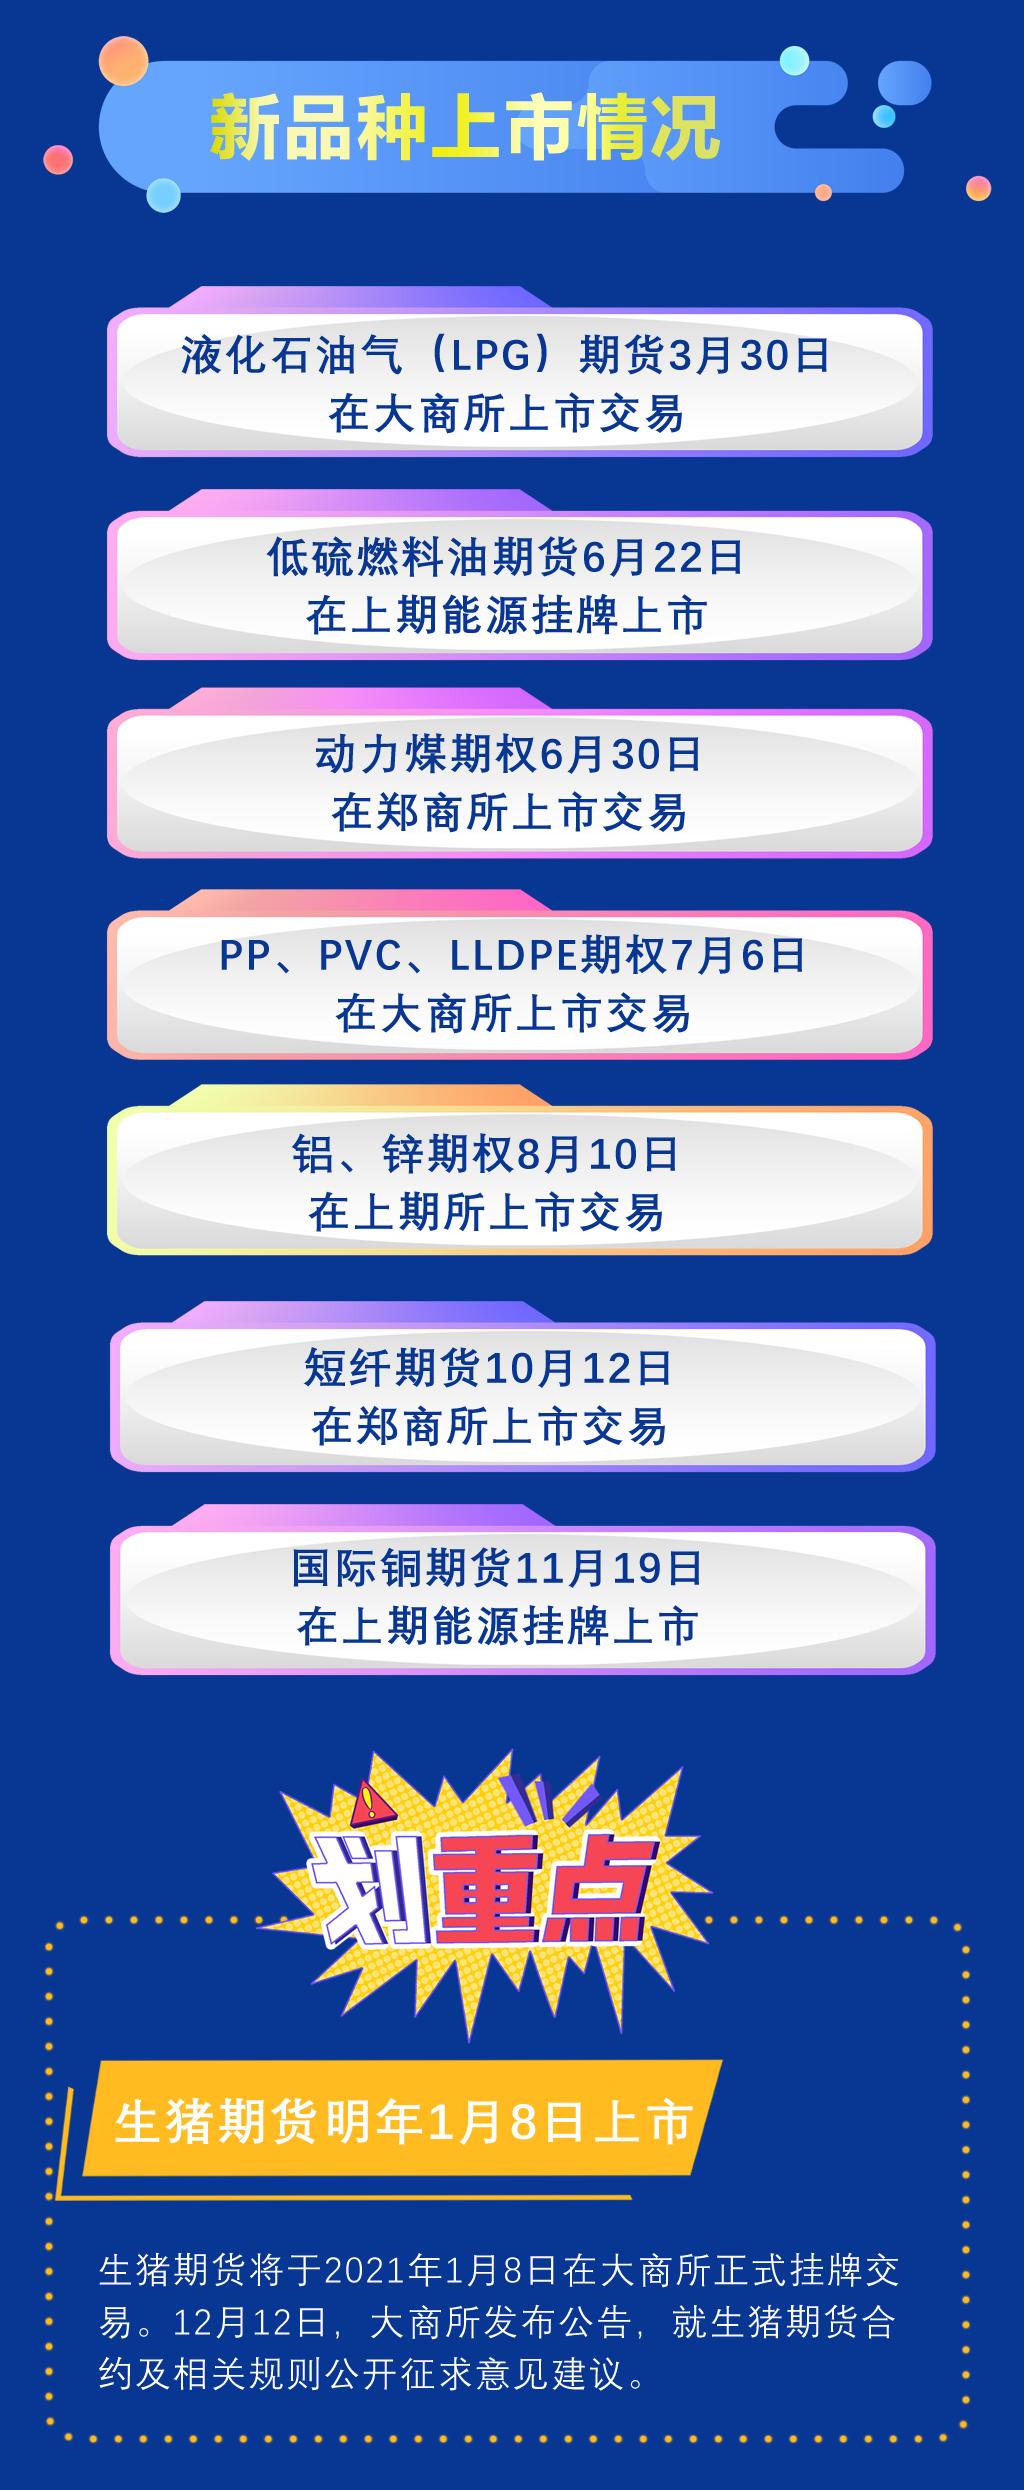 2020年期货行业大事记 推荐收藏!